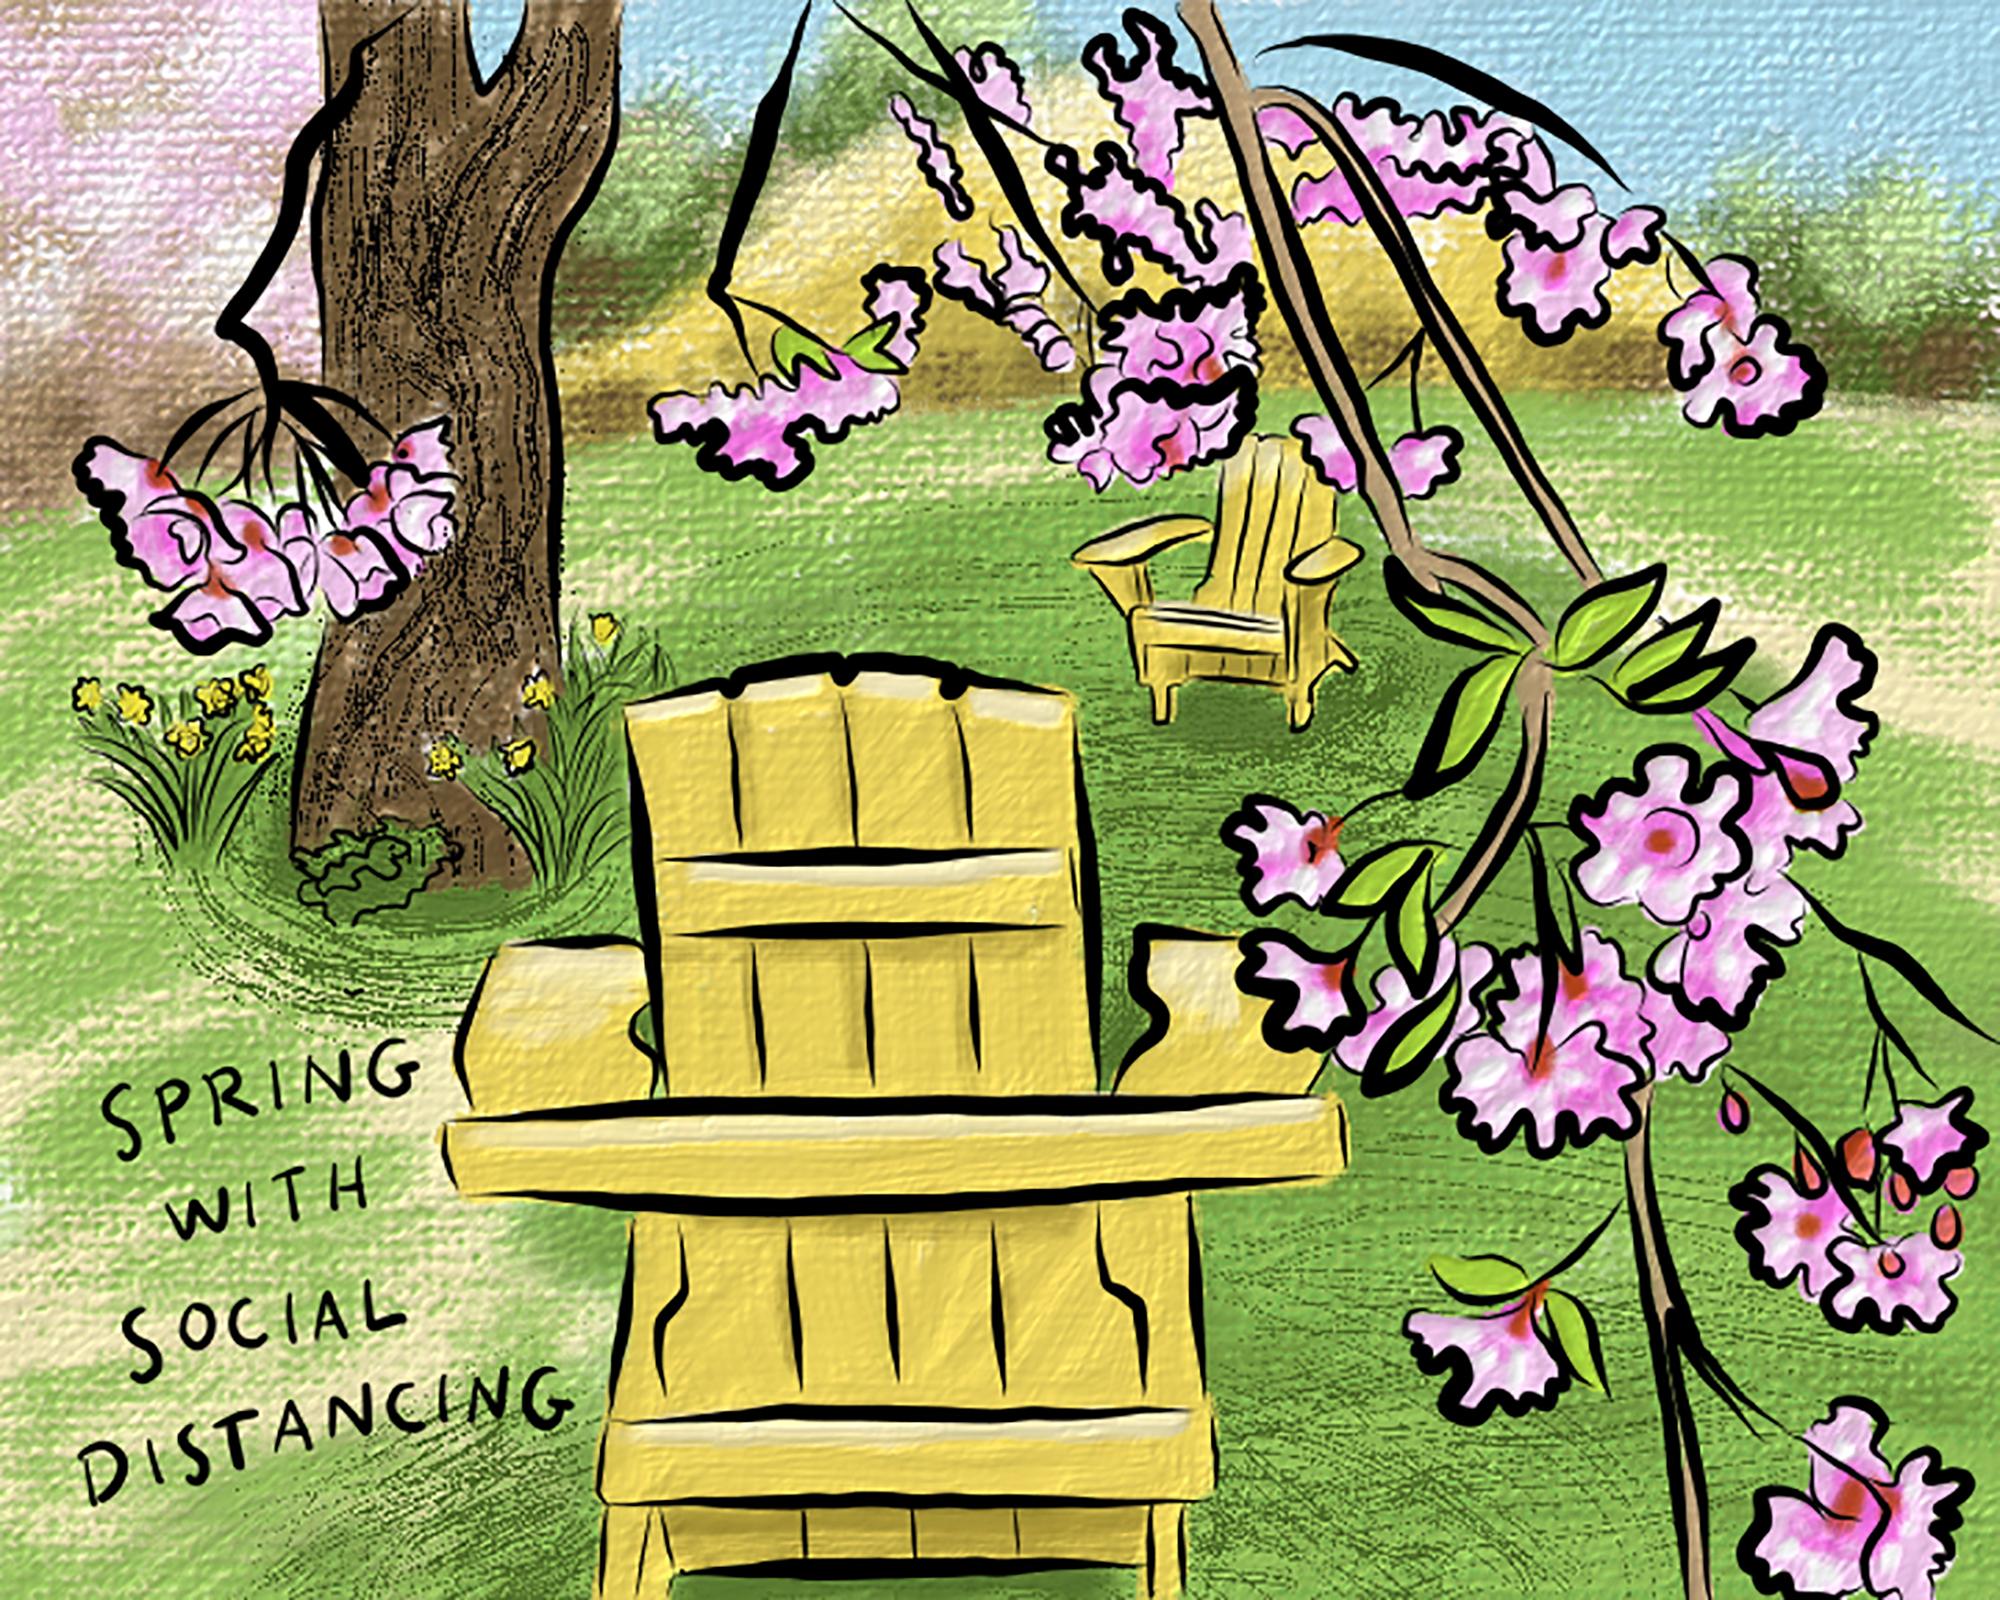 Still life spring